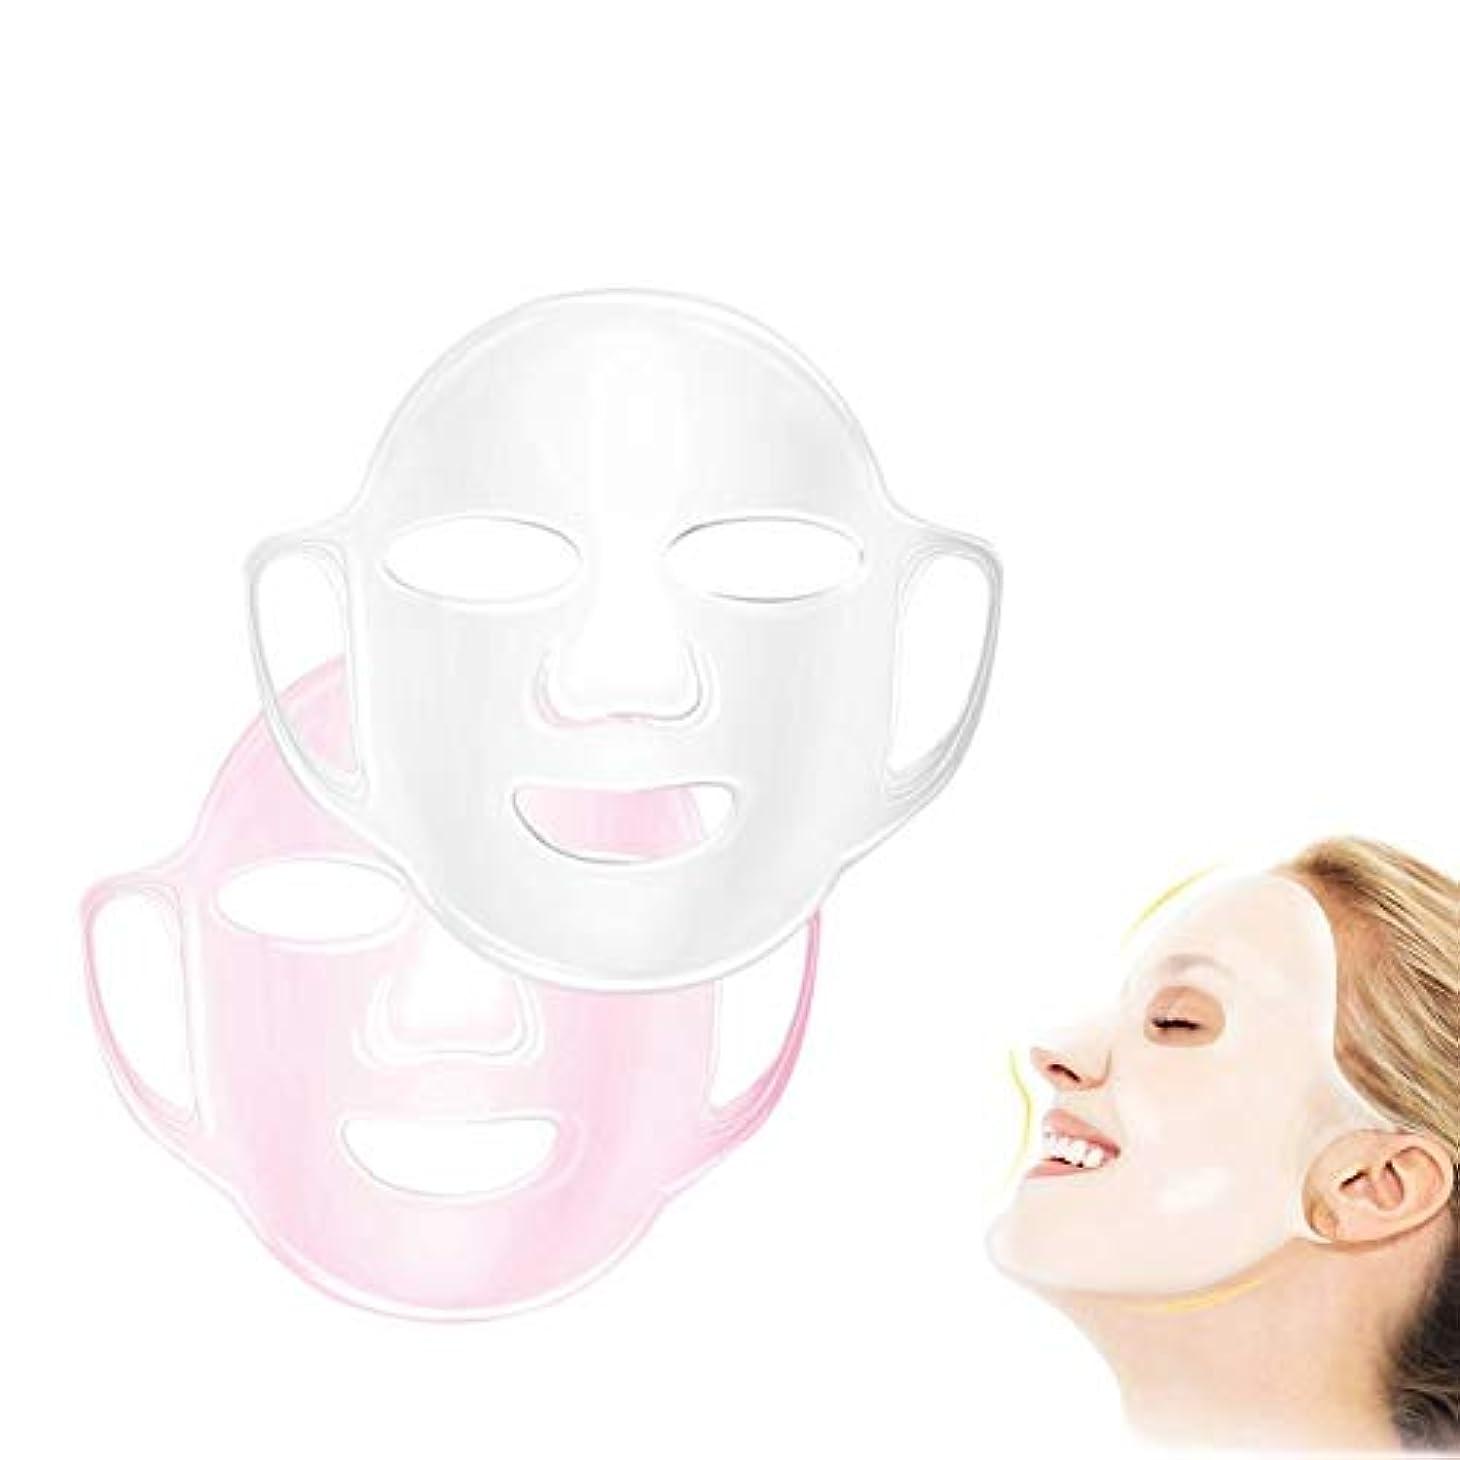 リンスシンボル感性SODIAL 再利用可能なフェイシャルシリコン保湿フェイスマスクカバー シート用クリアボックスでの蒸発防止